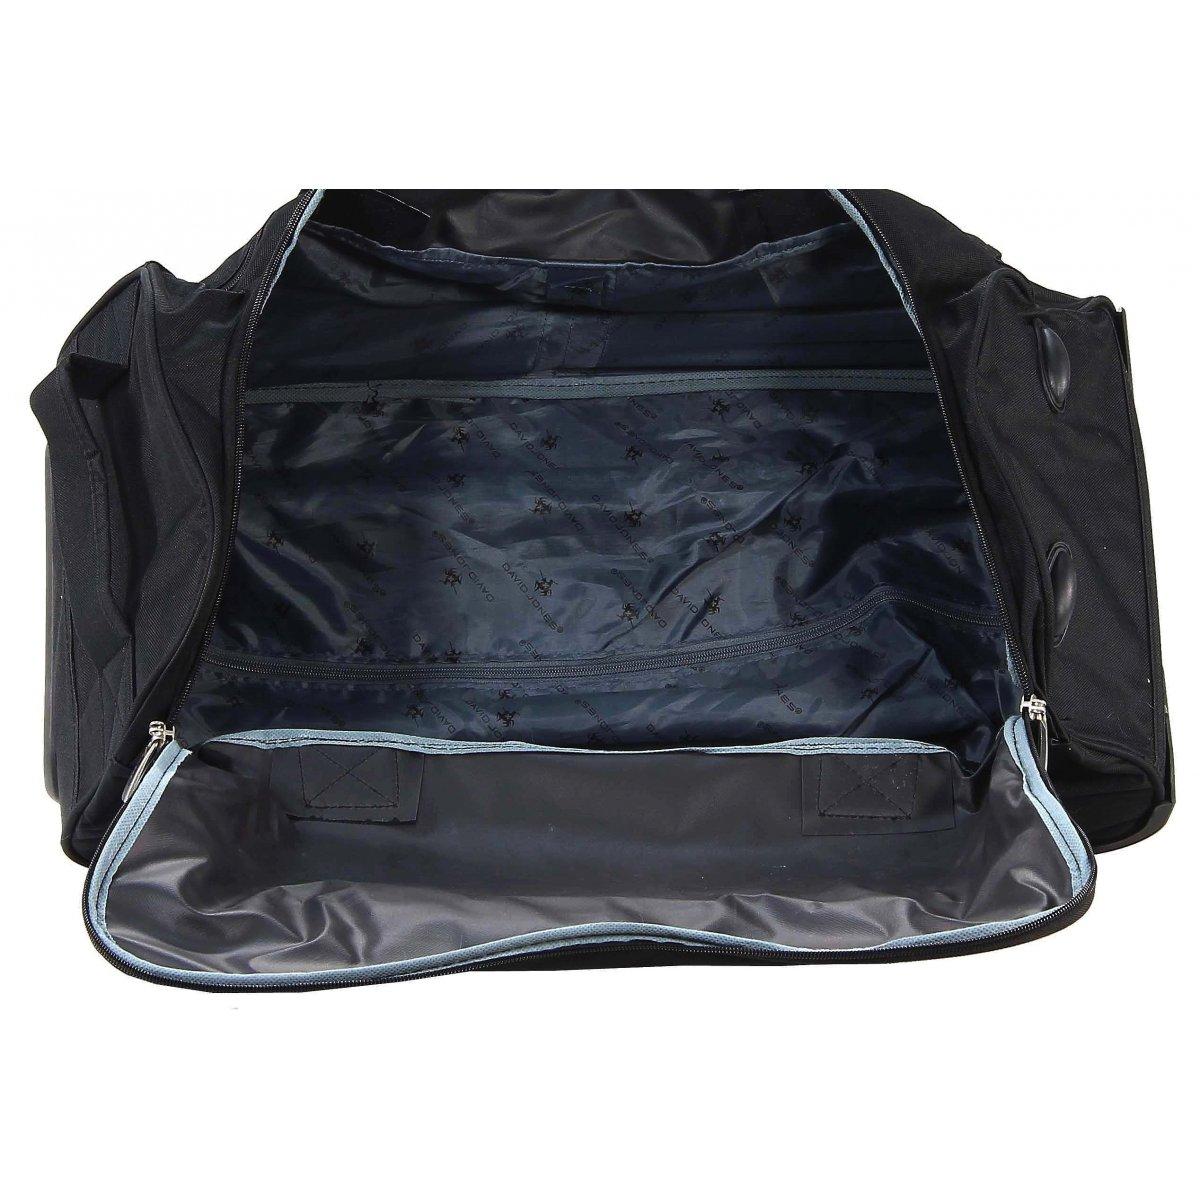 sac de voyage roulettes david jones taille m ba60201m couleur principale a419 promotion. Black Bedroom Furniture Sets. Home Design Ideas